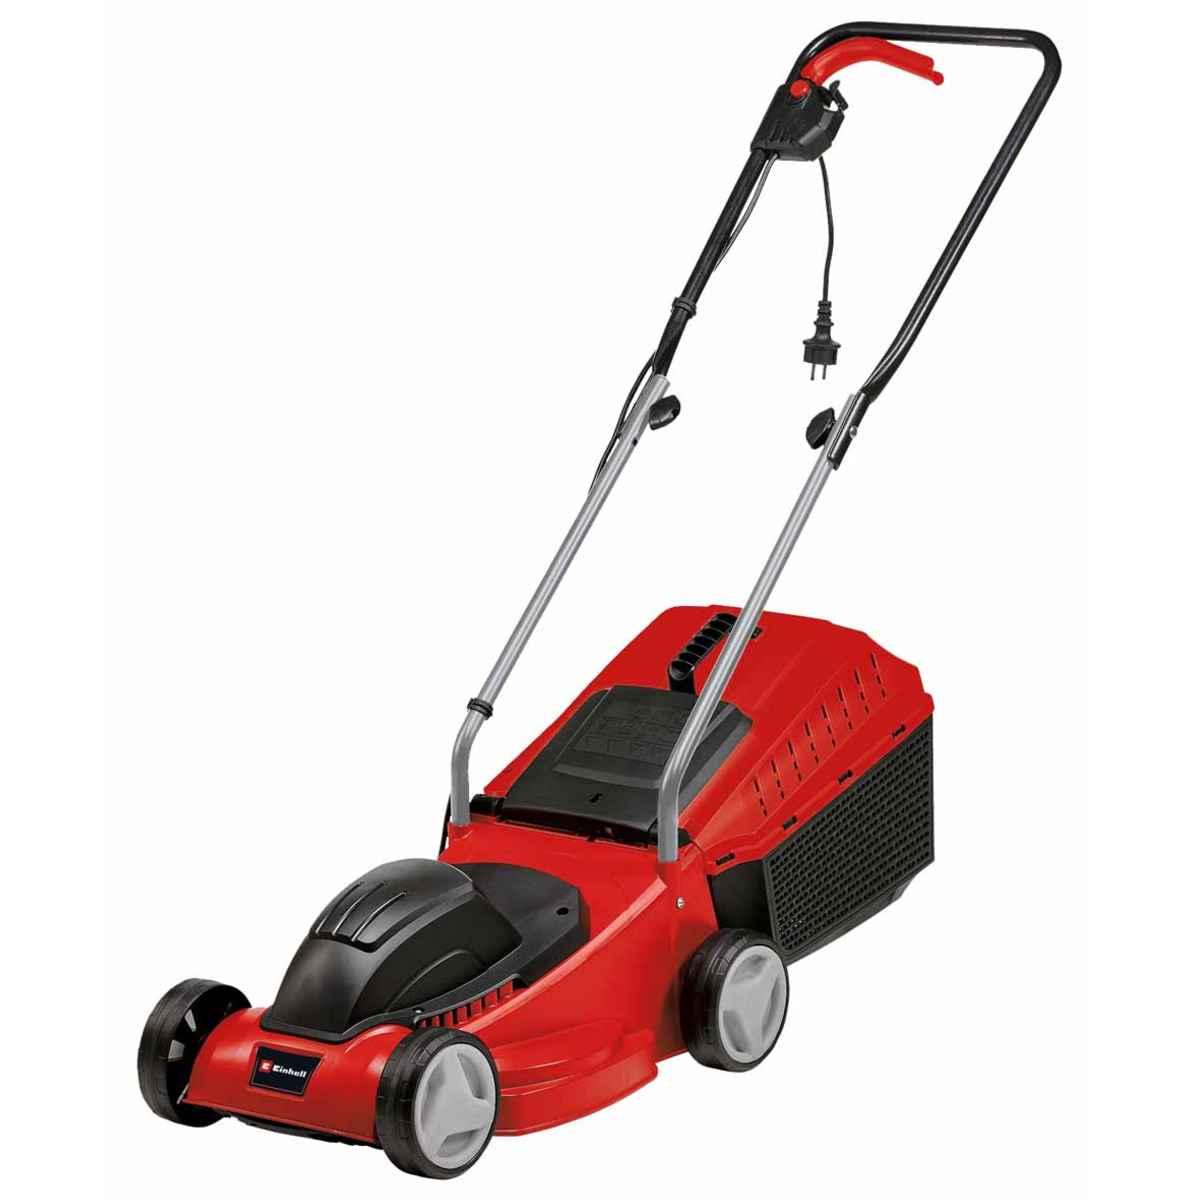 Einhell 32cm Electric Lawn Mower - 1000W